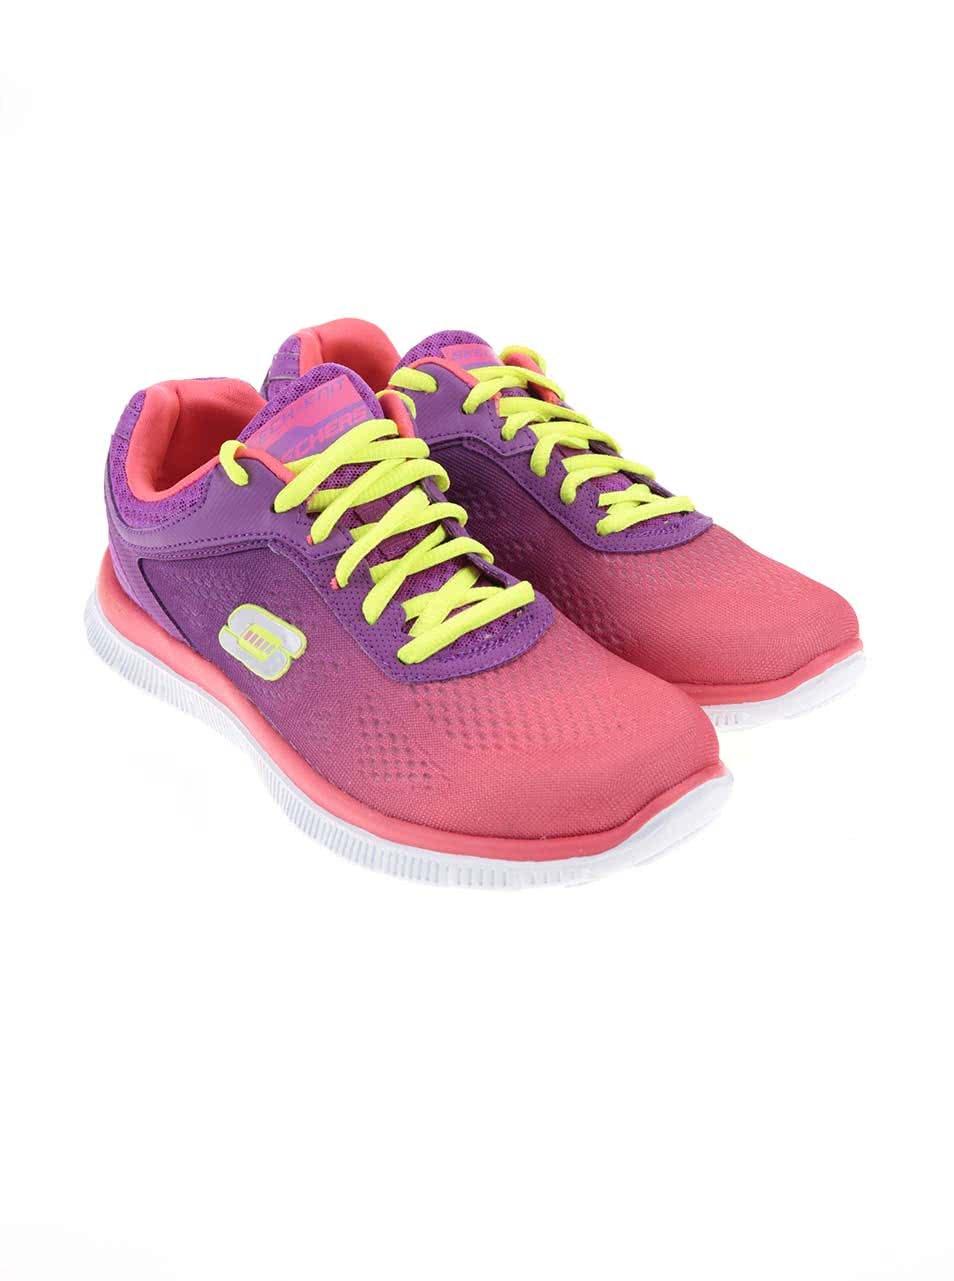 4a85a41ec6c22 Ružové dámske športové tenisky s duhovým efektom Skechers | ZOOT.sk